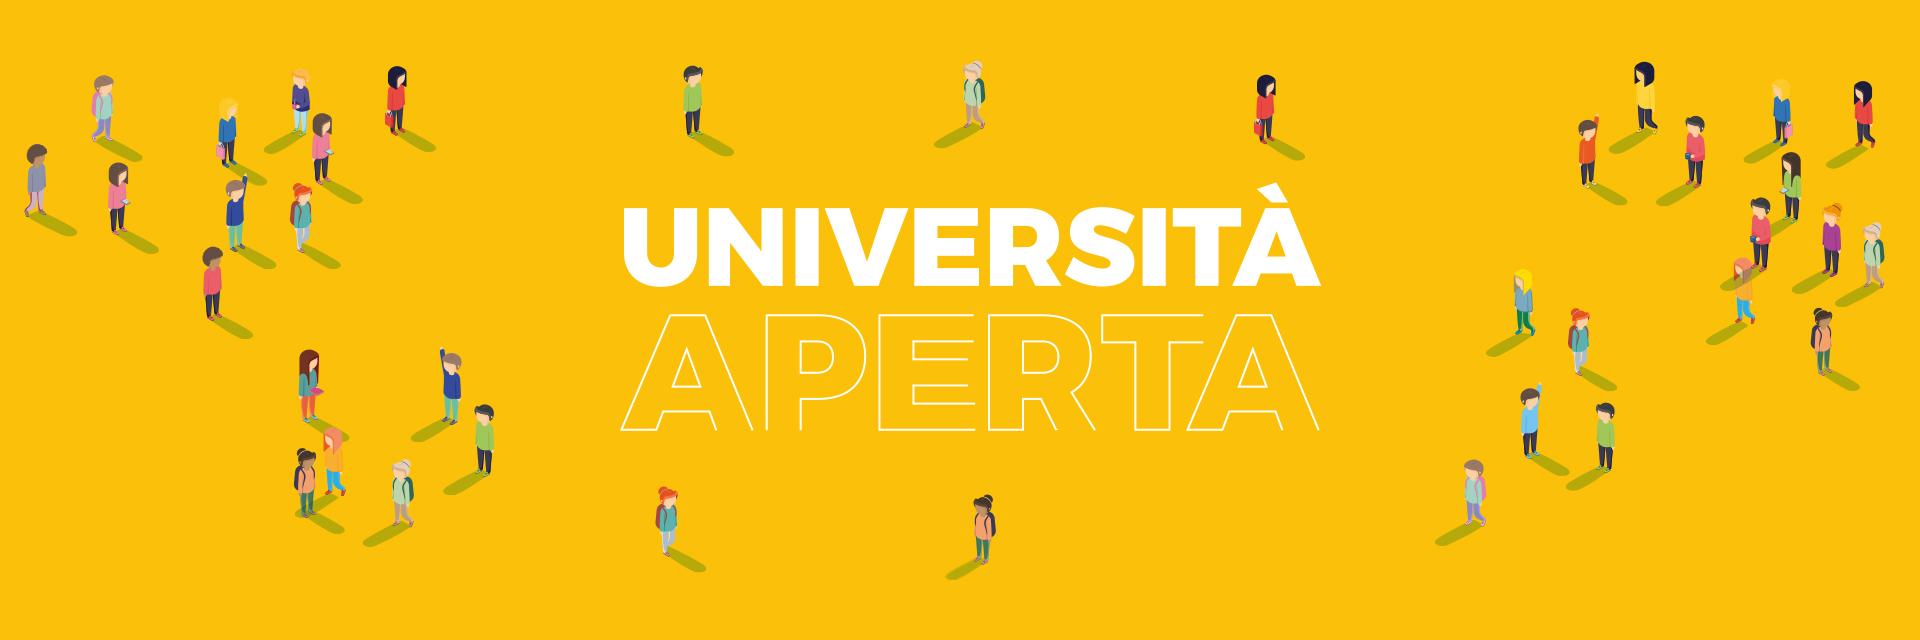 Università Aperta 2018, ti aspettiamo il 7-8-9 febbraio 2018